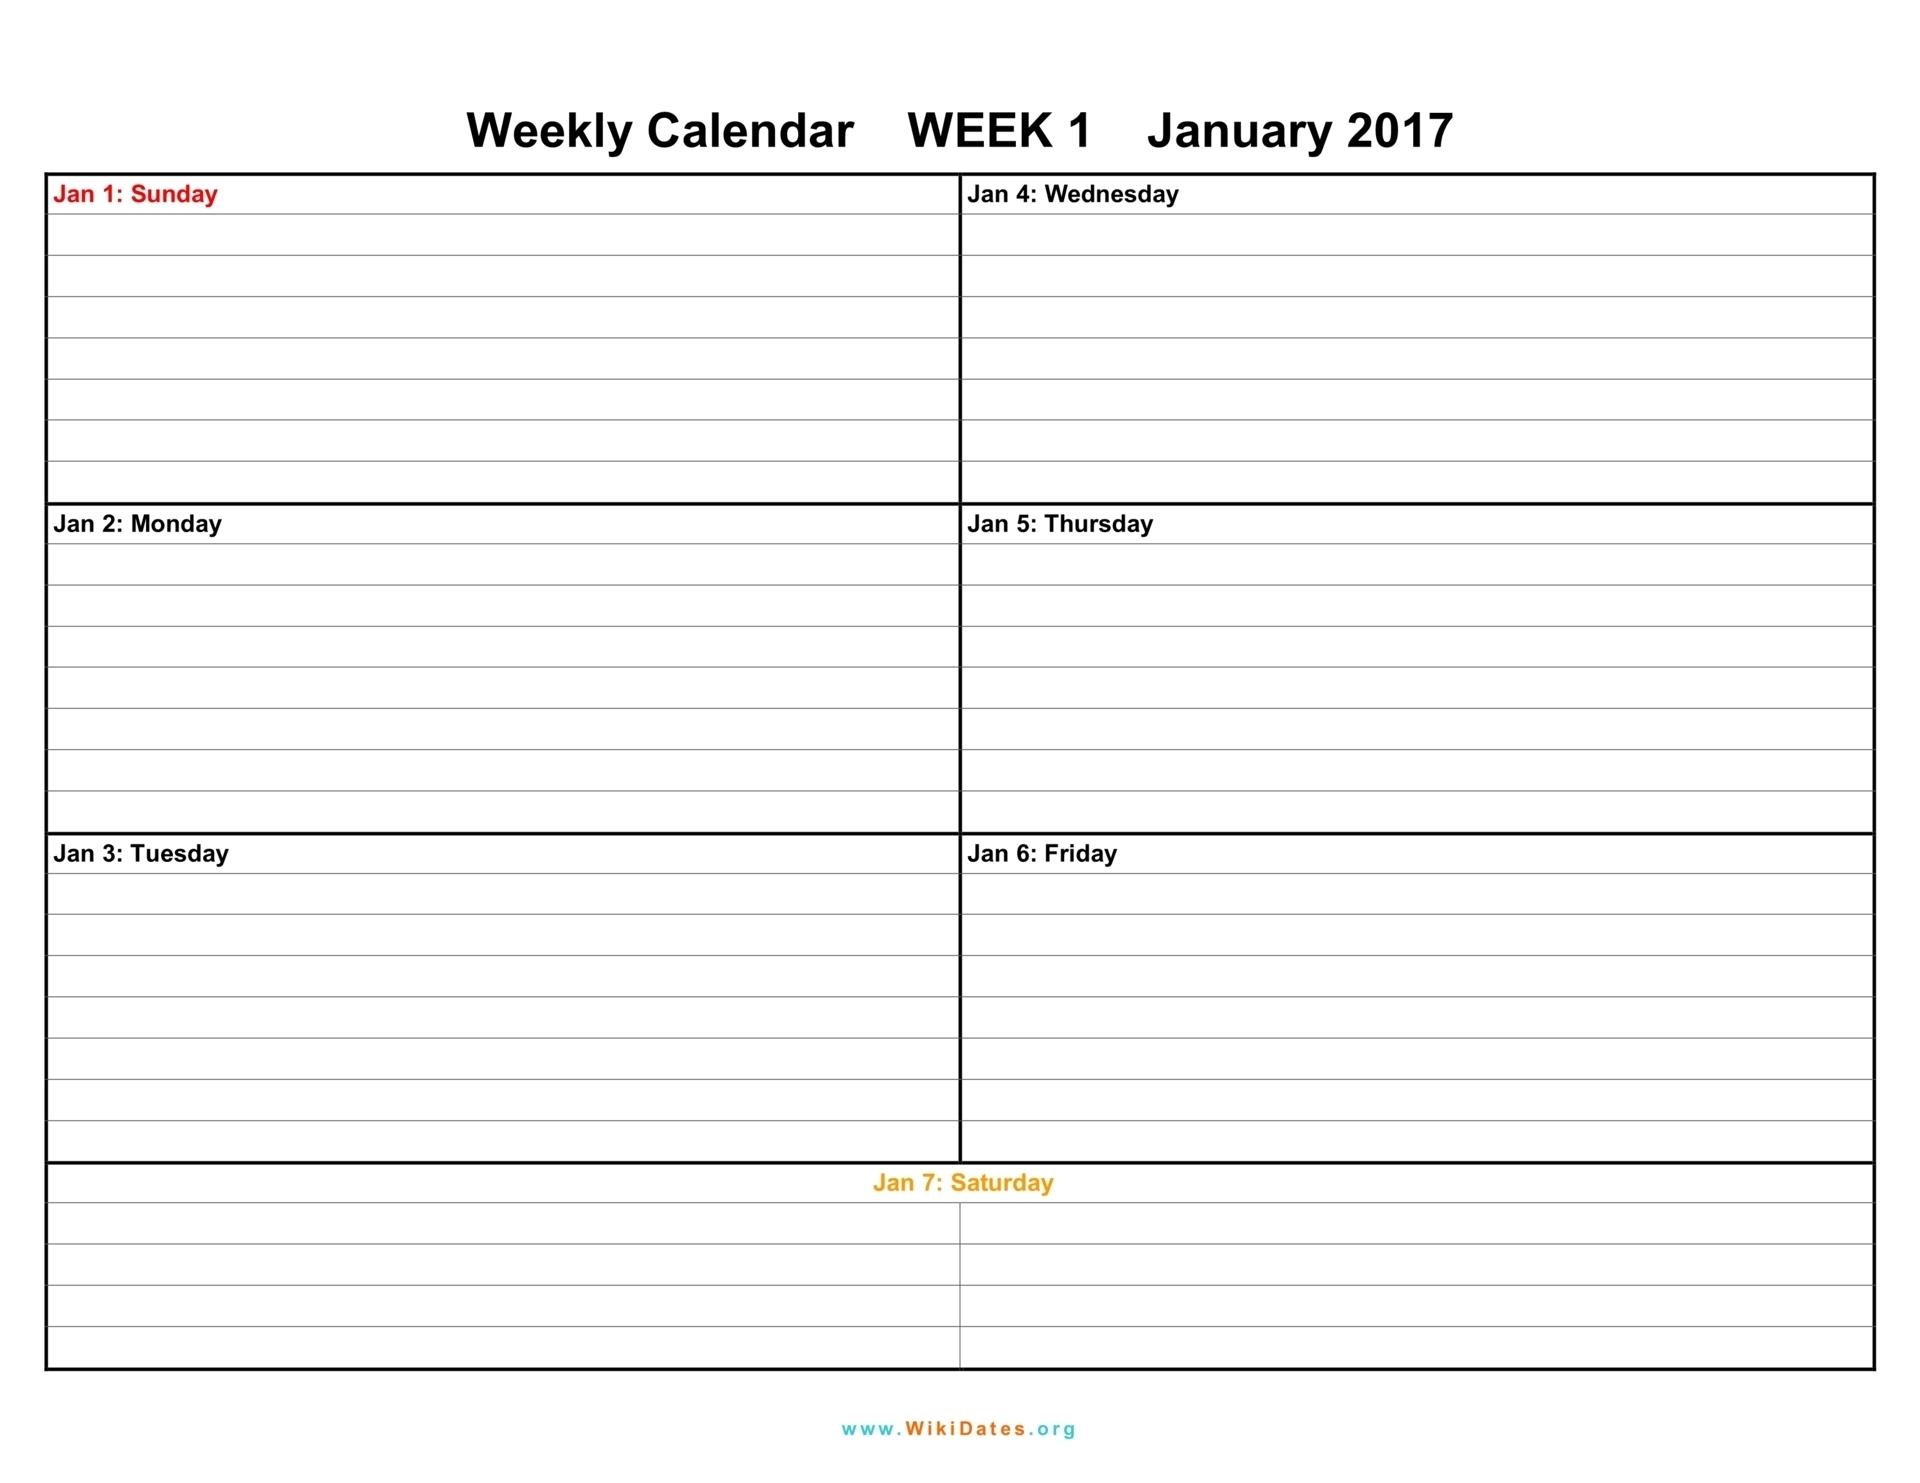 Weekly Calendar - Download Weekly Calendar 2017 And 2018